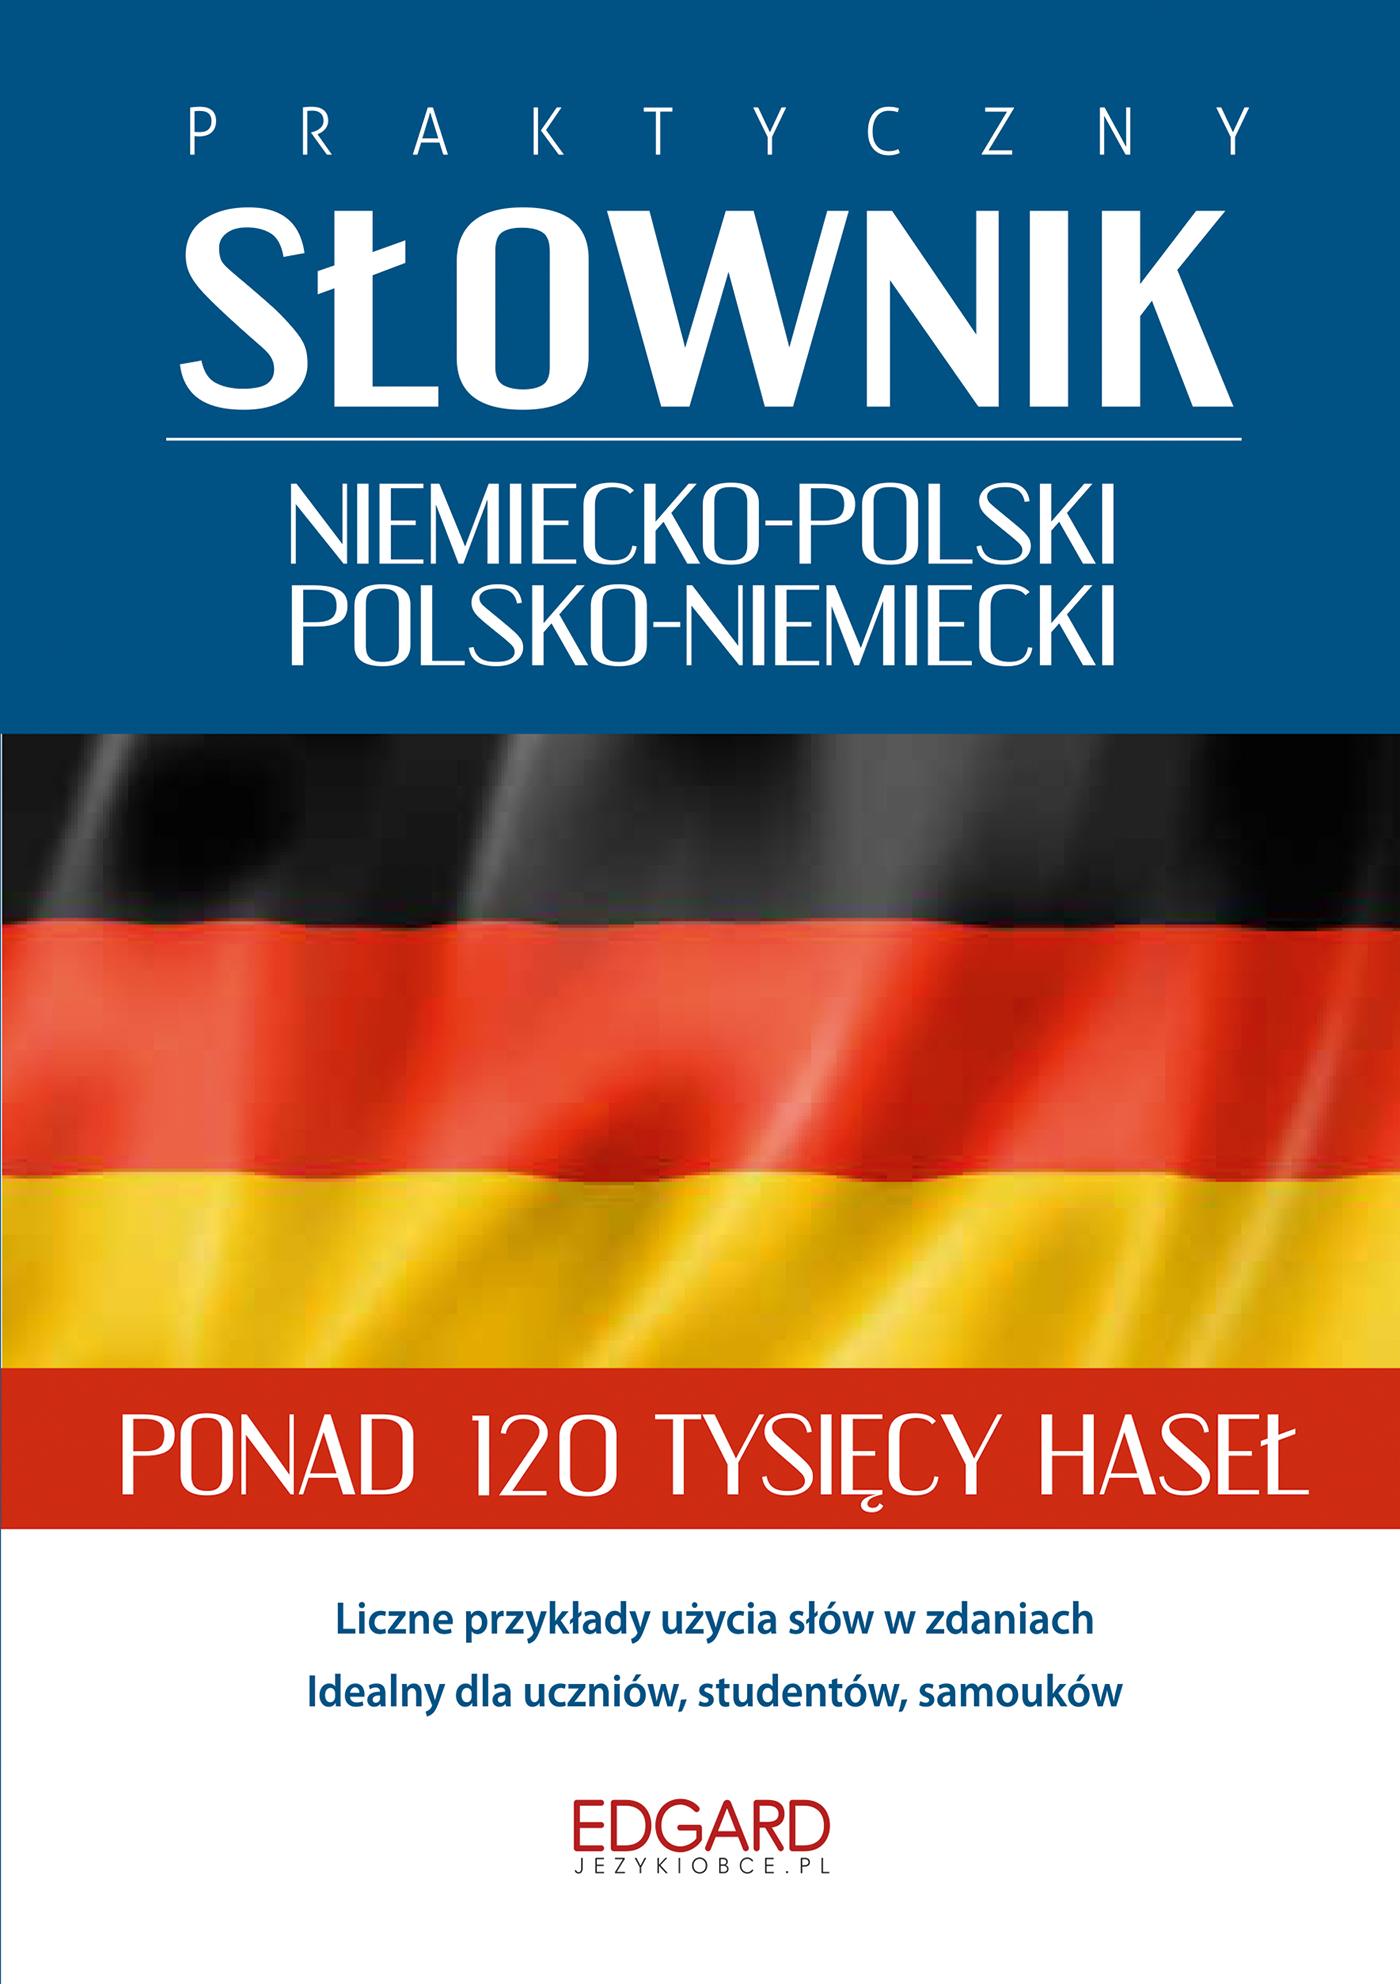 PRAKTYCZNY SŁOWNIK NIEMIECKO-POLSKI POLSKO-NIEMIECKI,